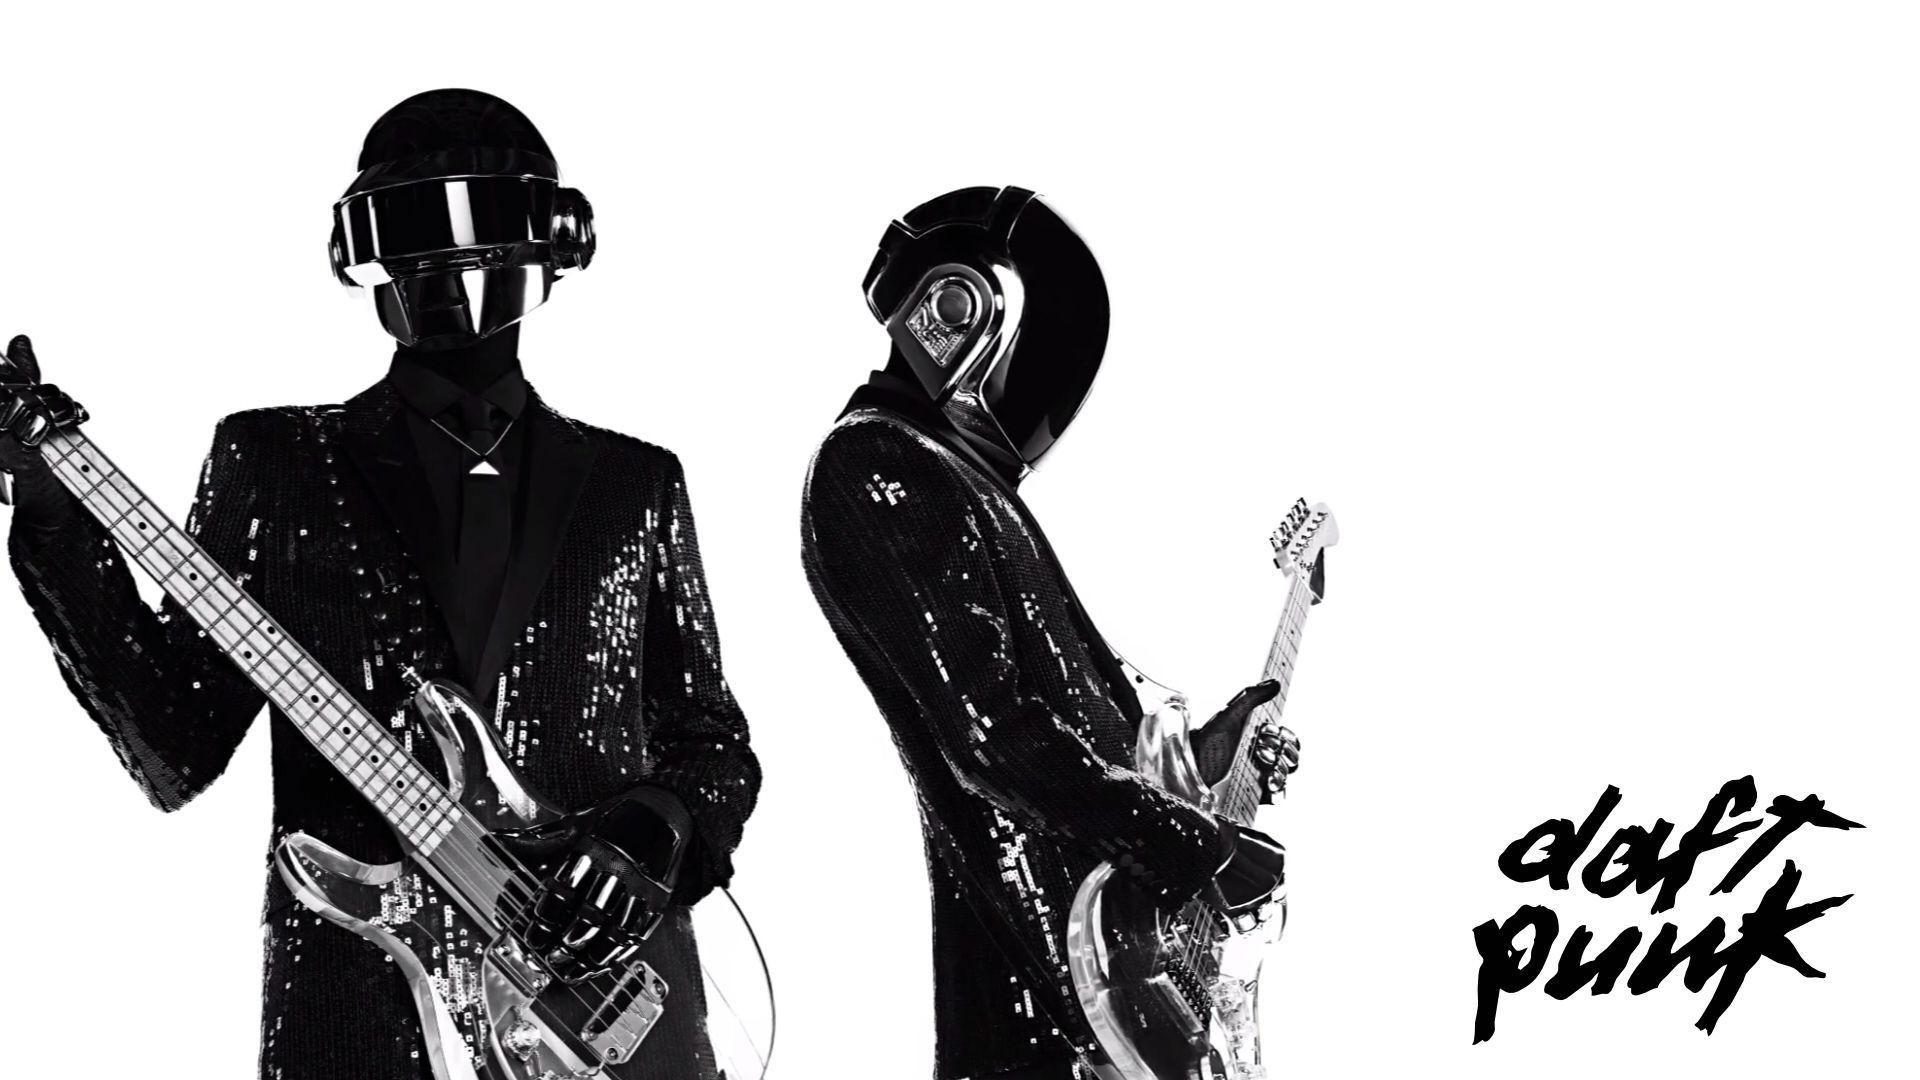 Daft Punk computer wallpaper